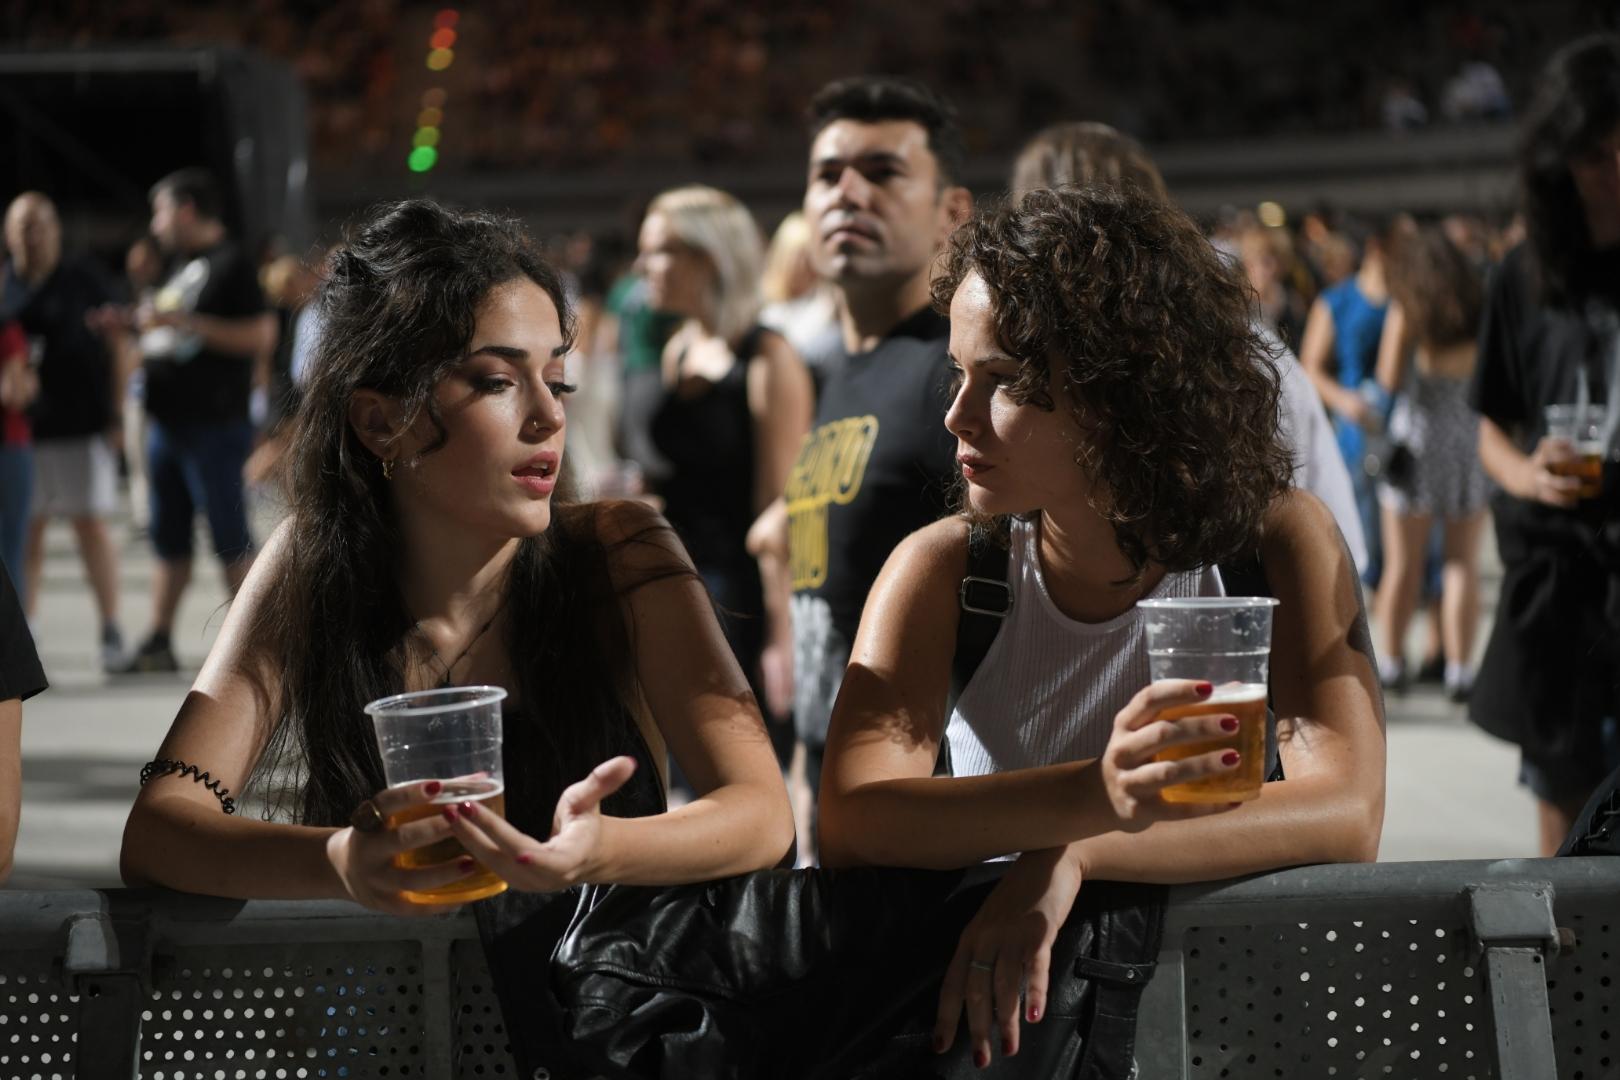 Koncert grupe Hladno pivo na stadionu Tašmajdan, Stadion Tašmajdan